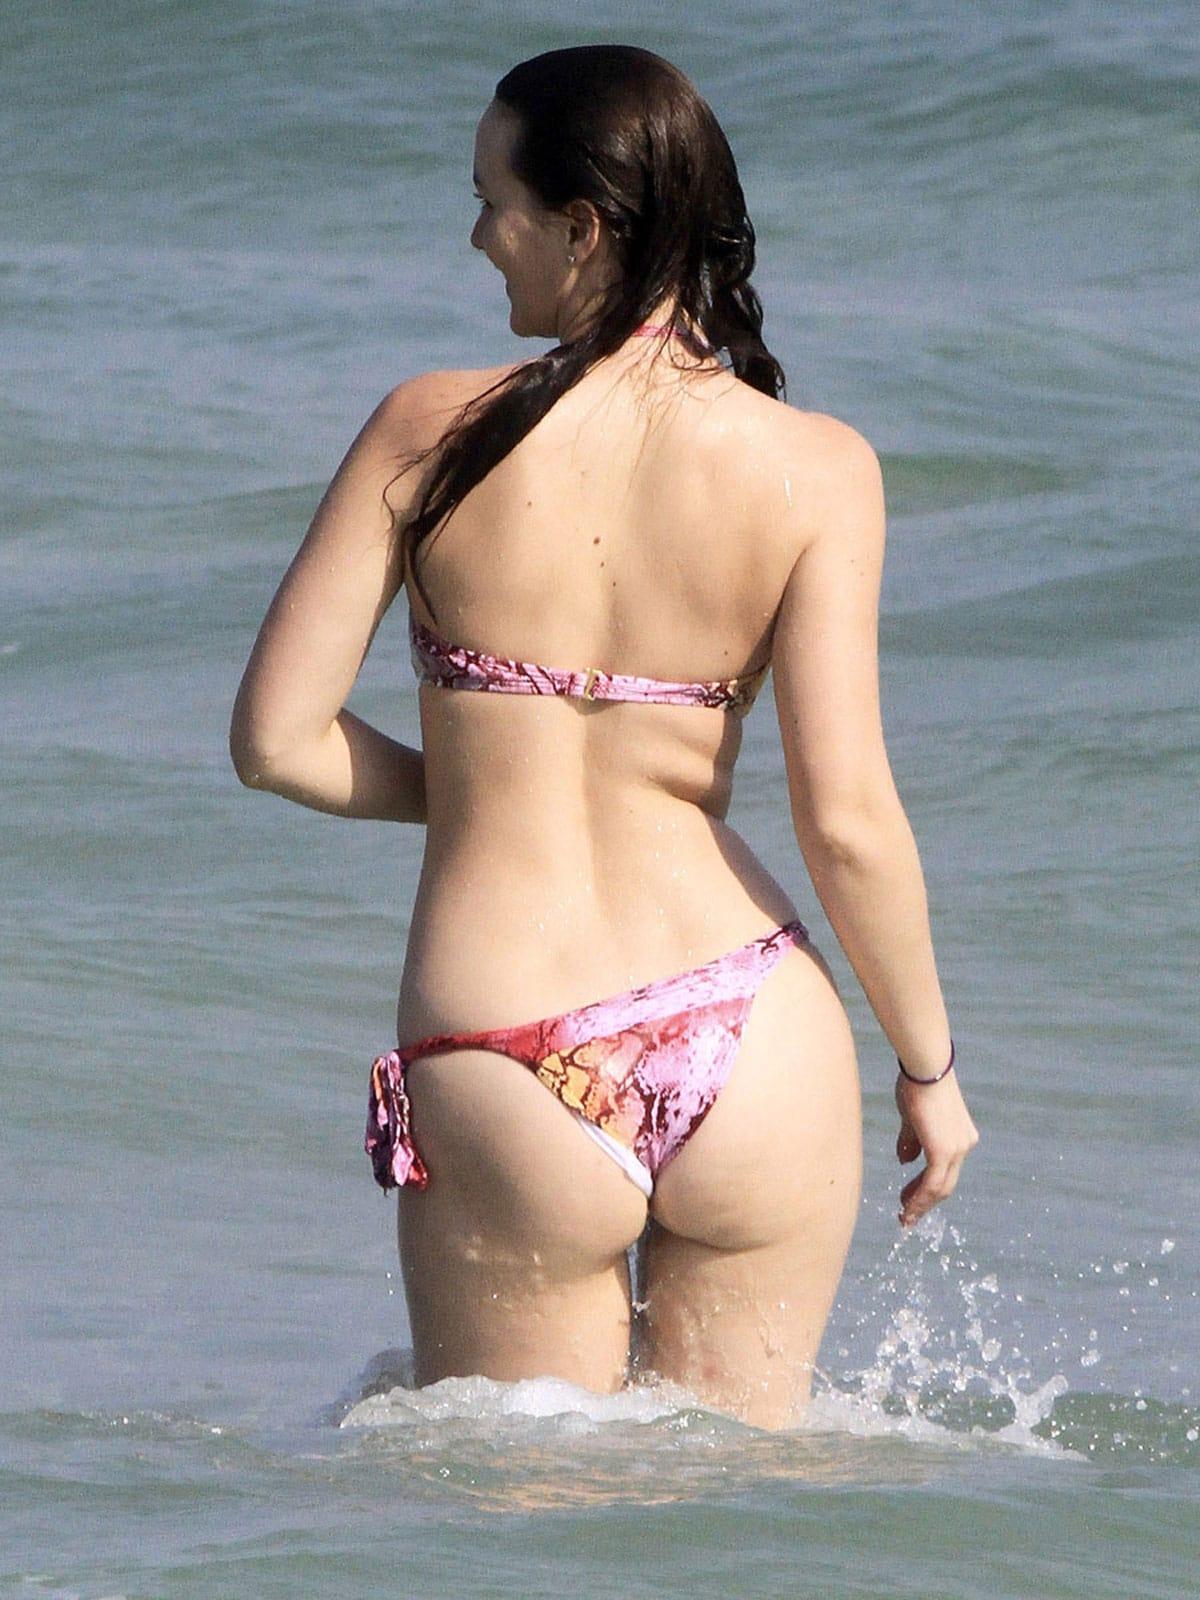 Leighton Meester at the Beach in Rio de Janeiro